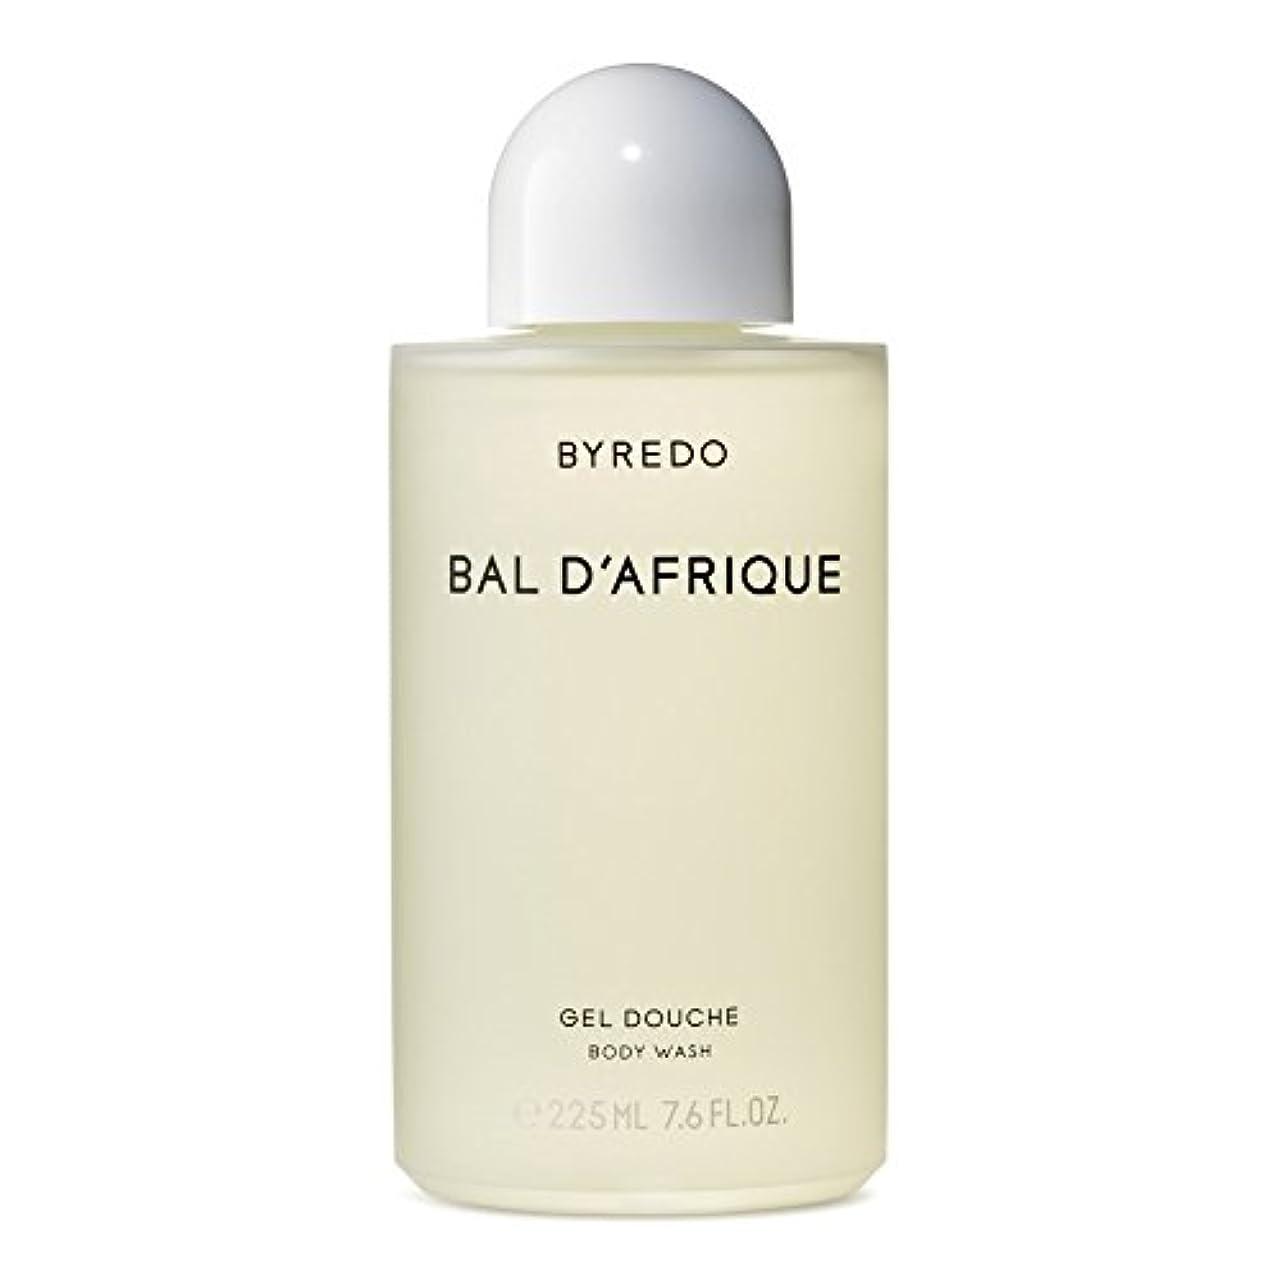 抵当パイルワンダーのボディウォッシュ225ミリリットル x4 - Byredo Bal d'Afrique Body Wash 225ml (Pack of 4) [並行輸入品]